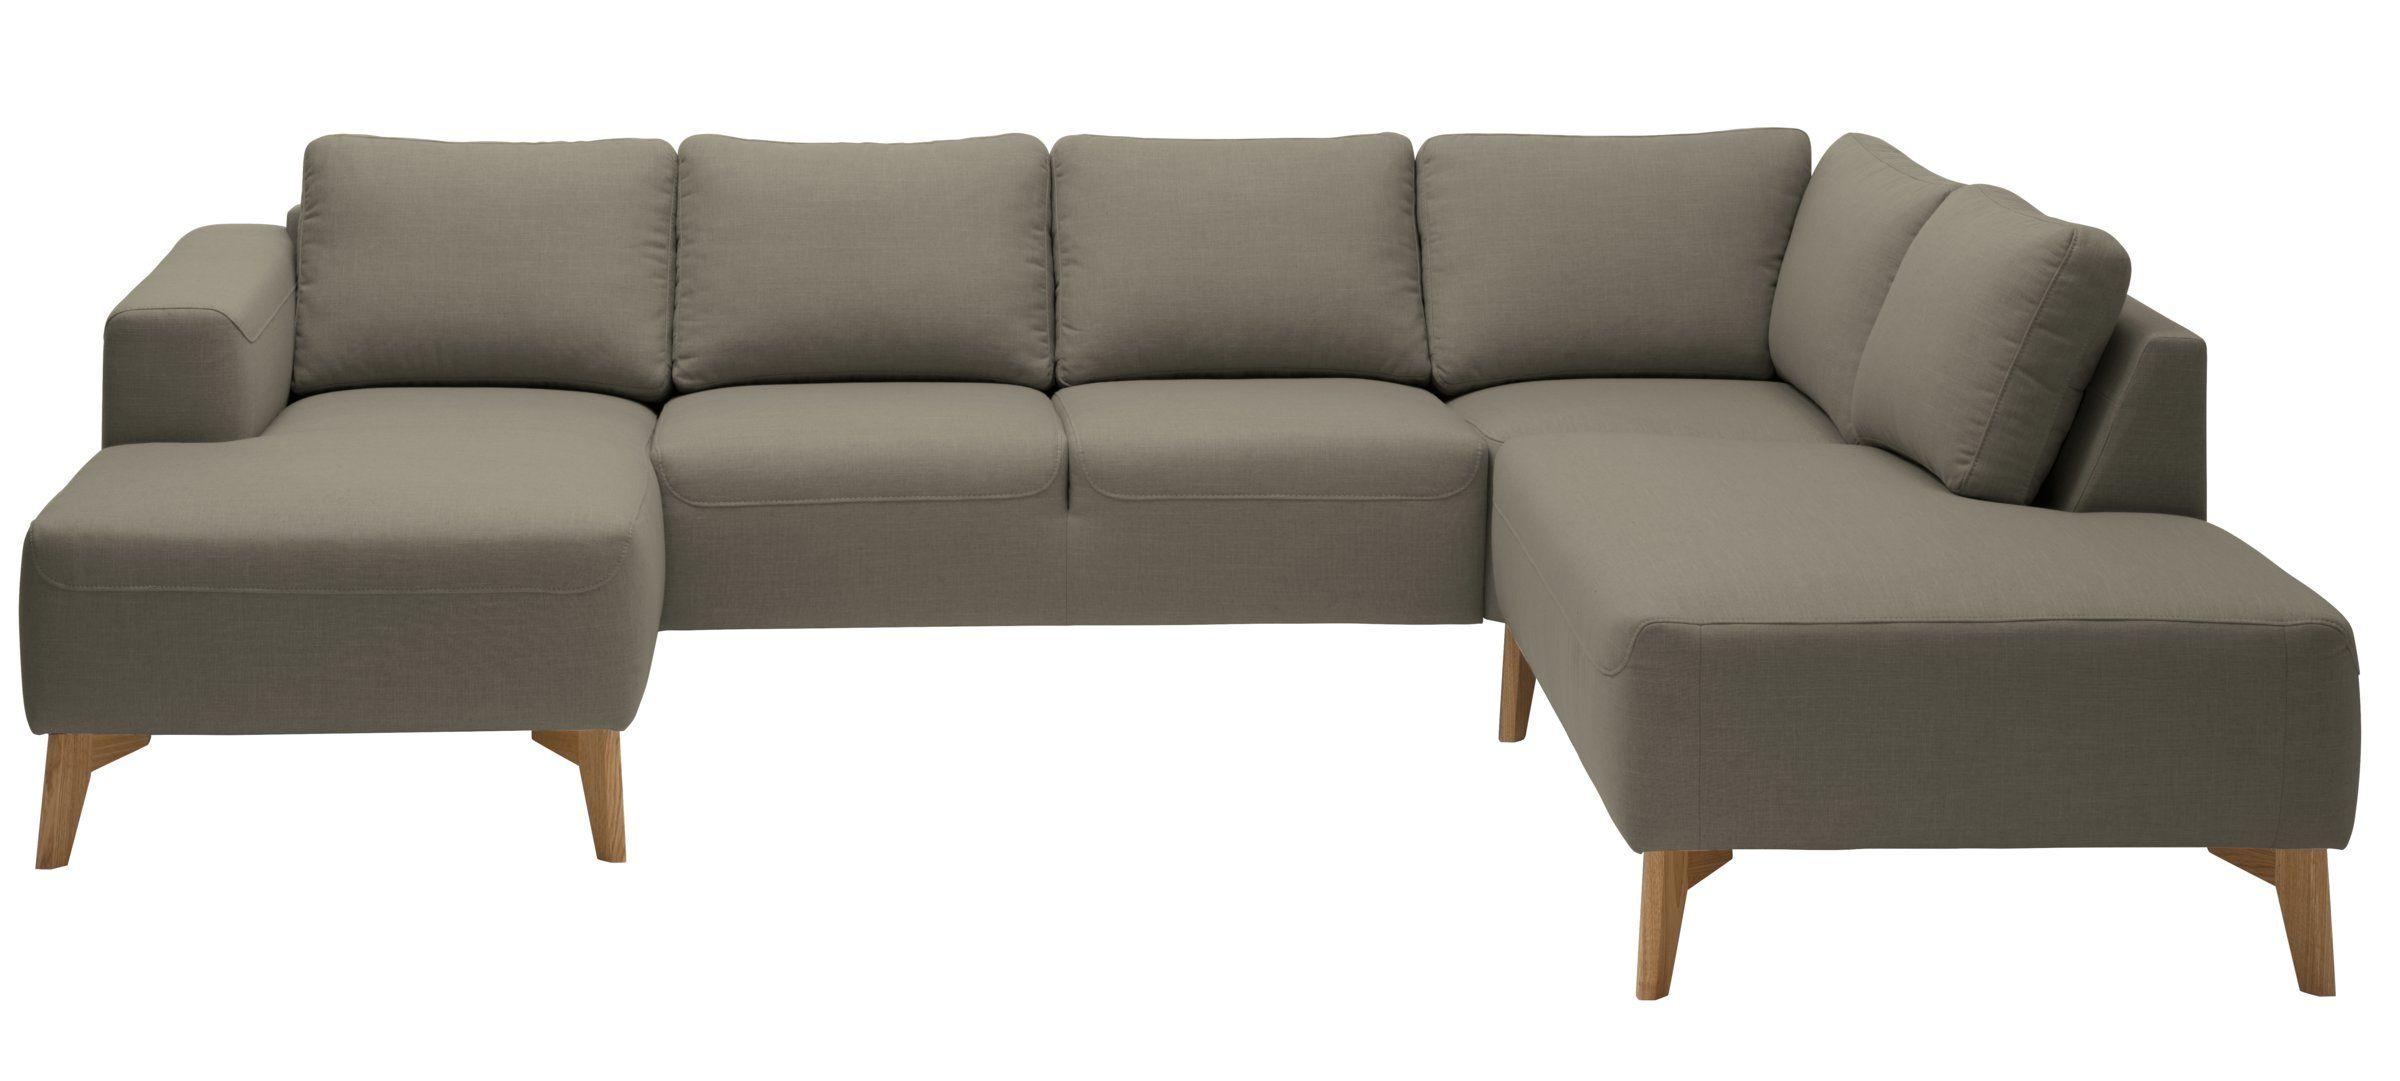 sofa u form jenni | sofas kaufen - micasa.ch | wohnzimmer, Wohnzimmer dekoo